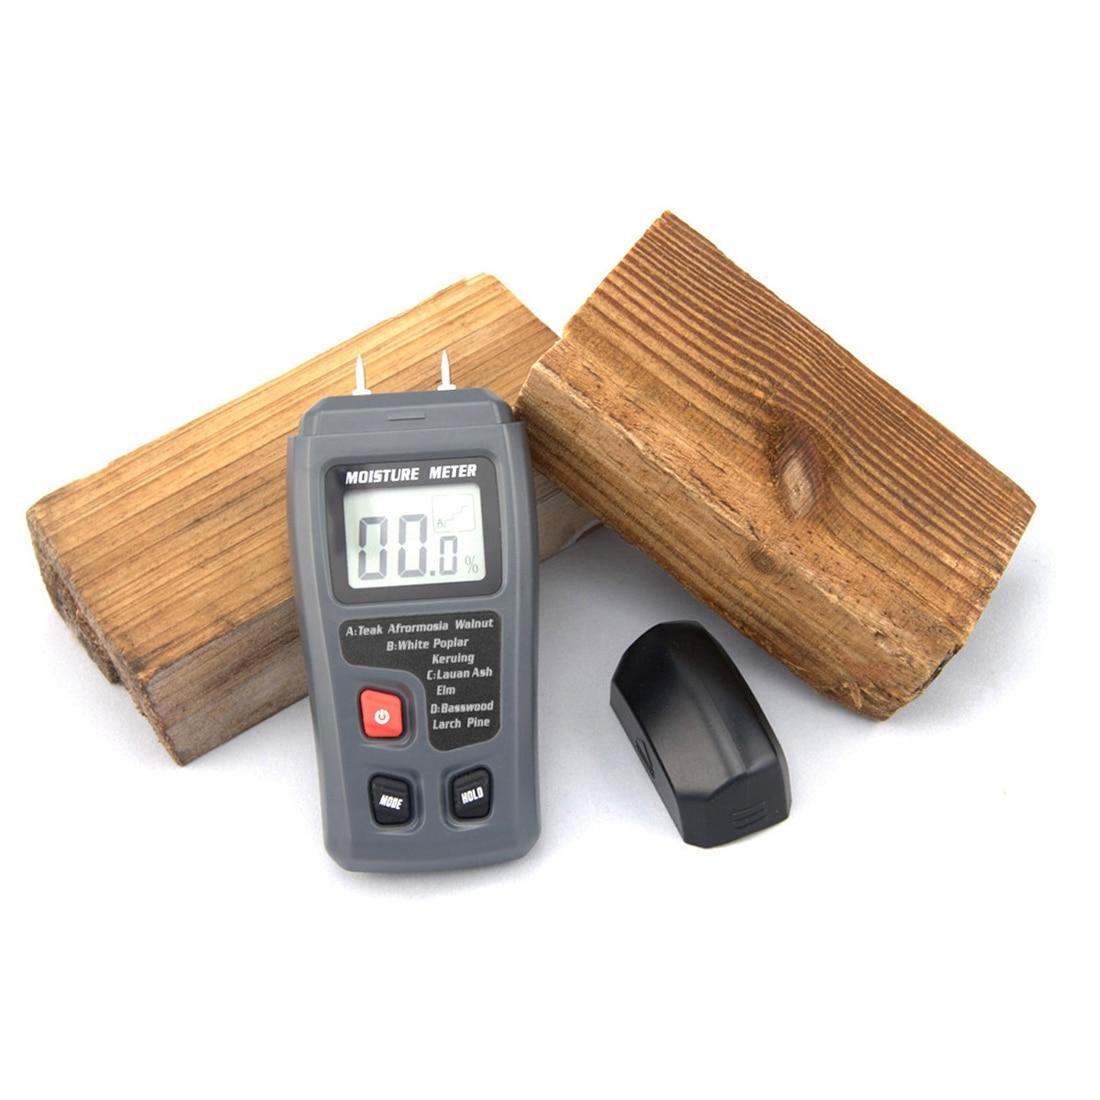 Werkzeuge Analysatoren 0-99.9% Digital Holz Feuchtigkeit Meter Holz Feuchtigkeit Tester Baum Damp Detector Feuchtigkeit Tester